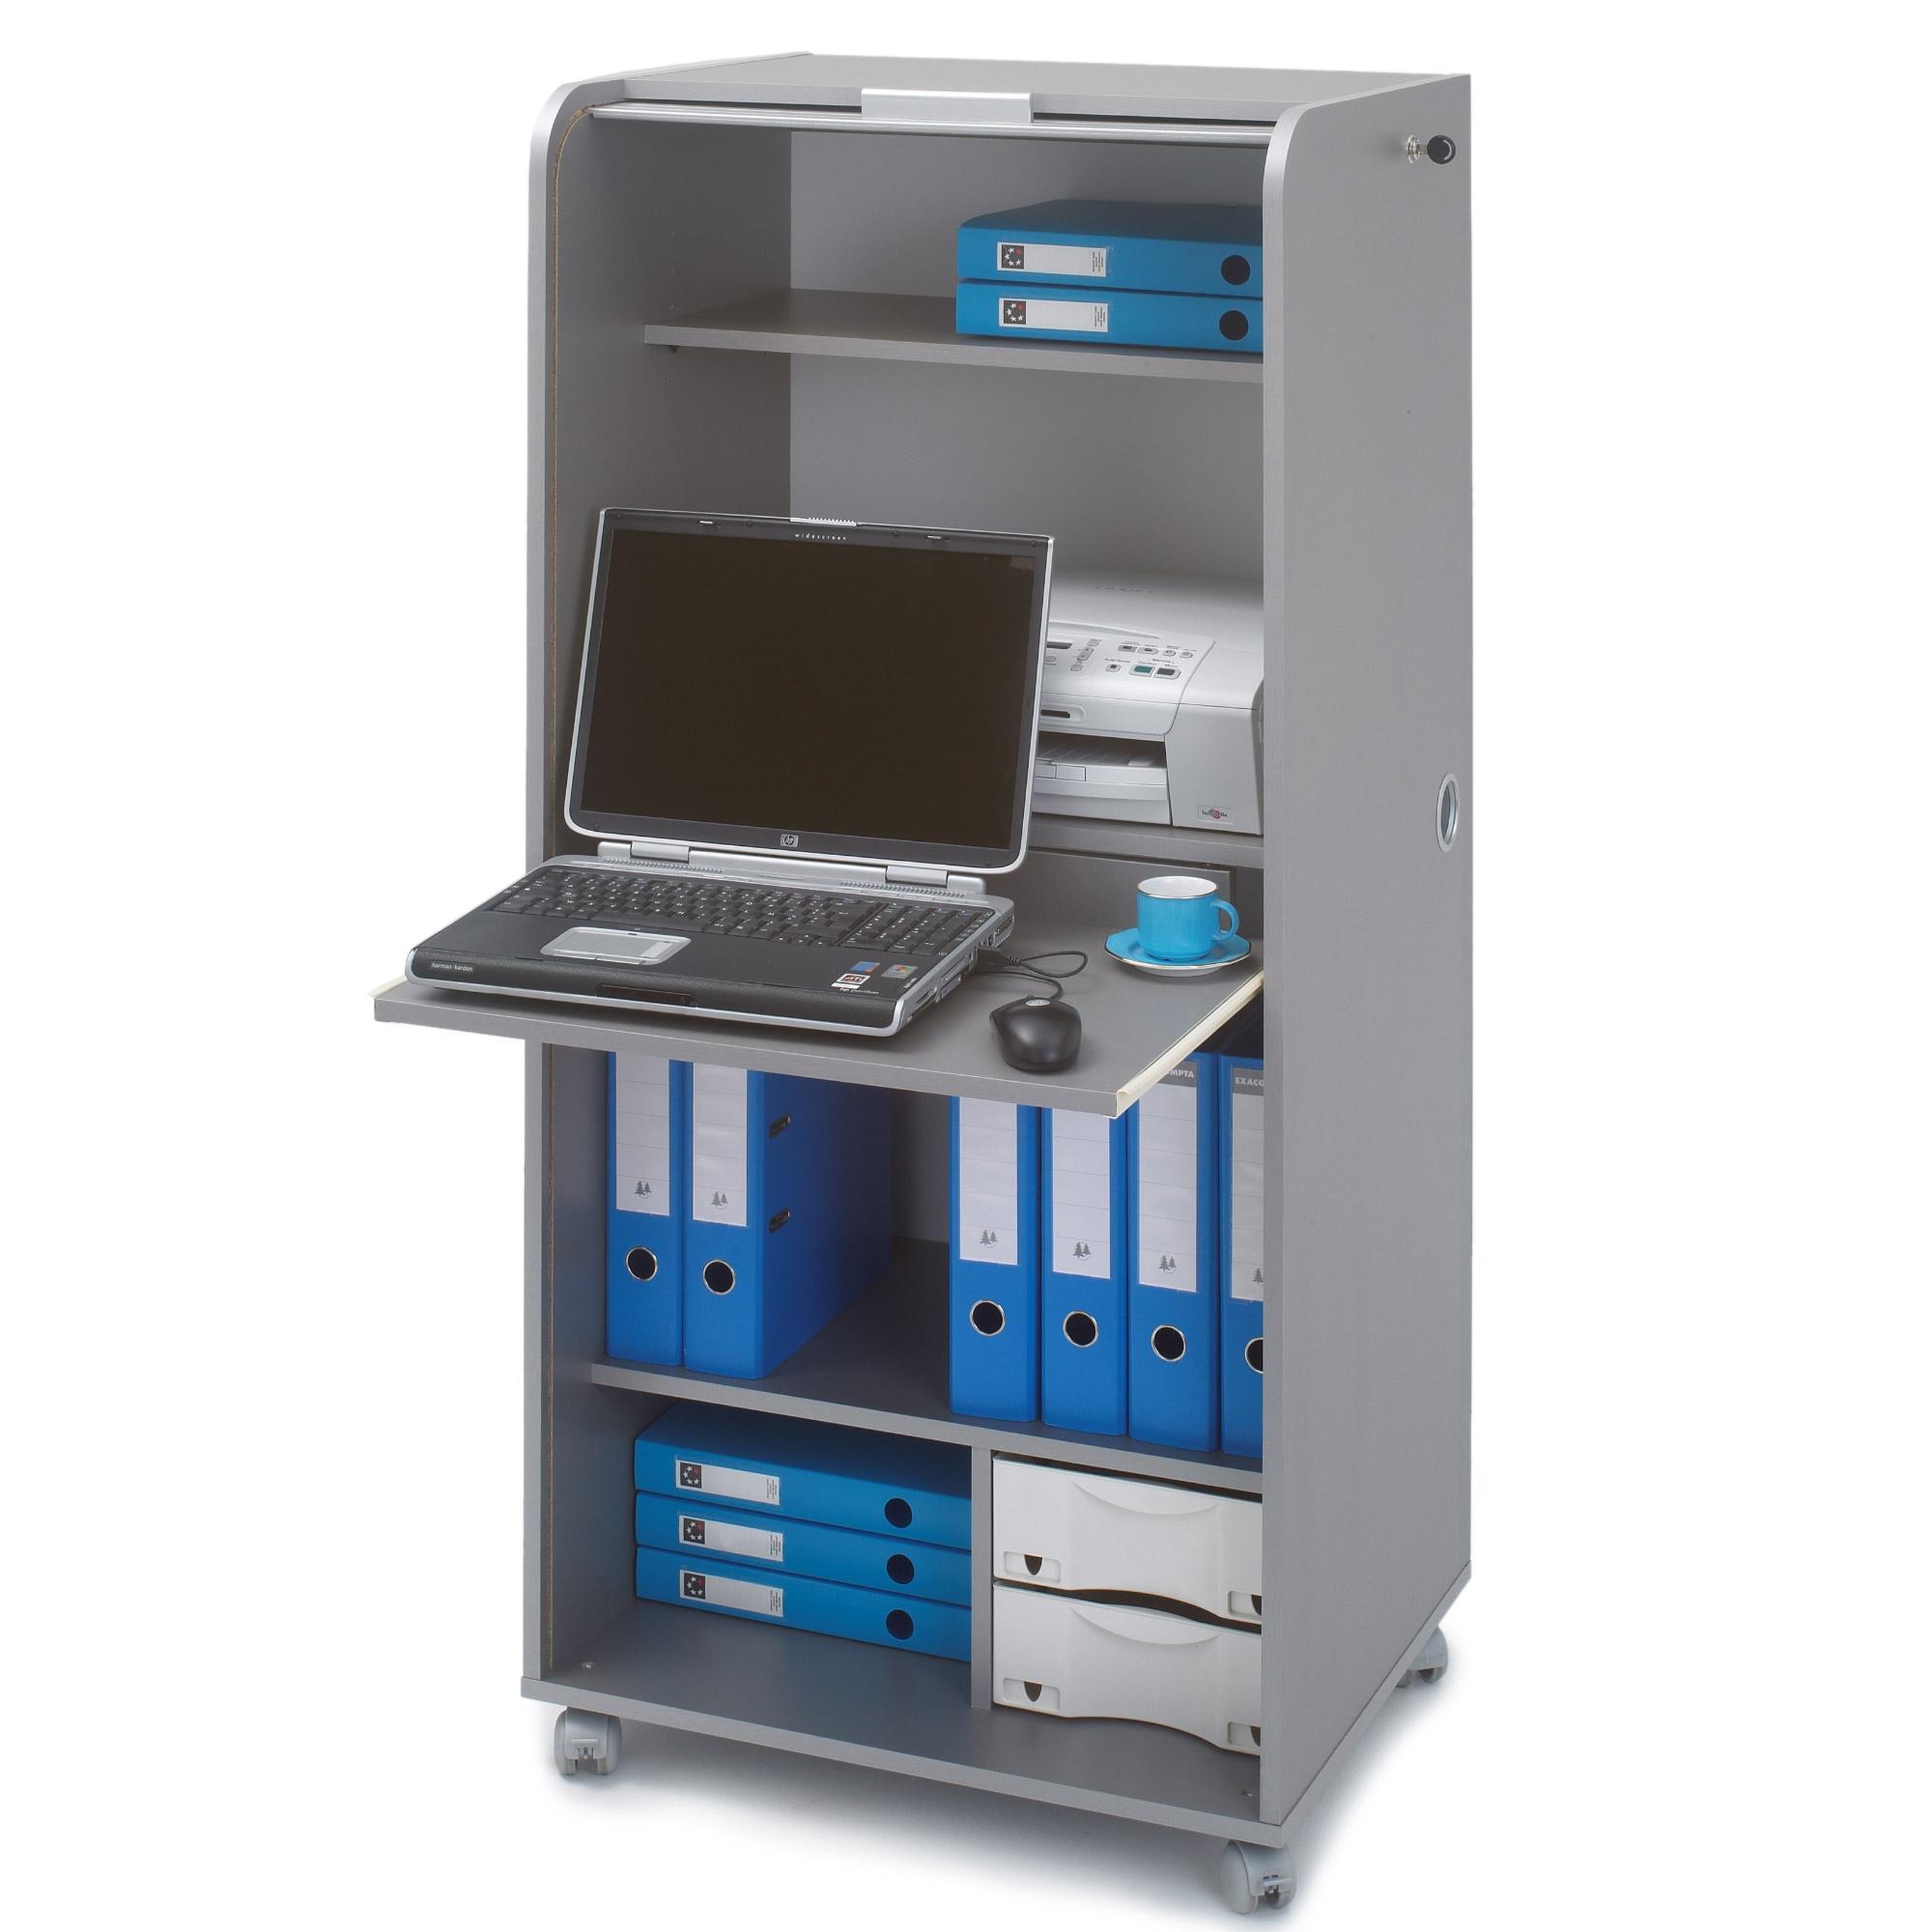 Bureau informatique gris alu rideau orga for Bureau informatique gris